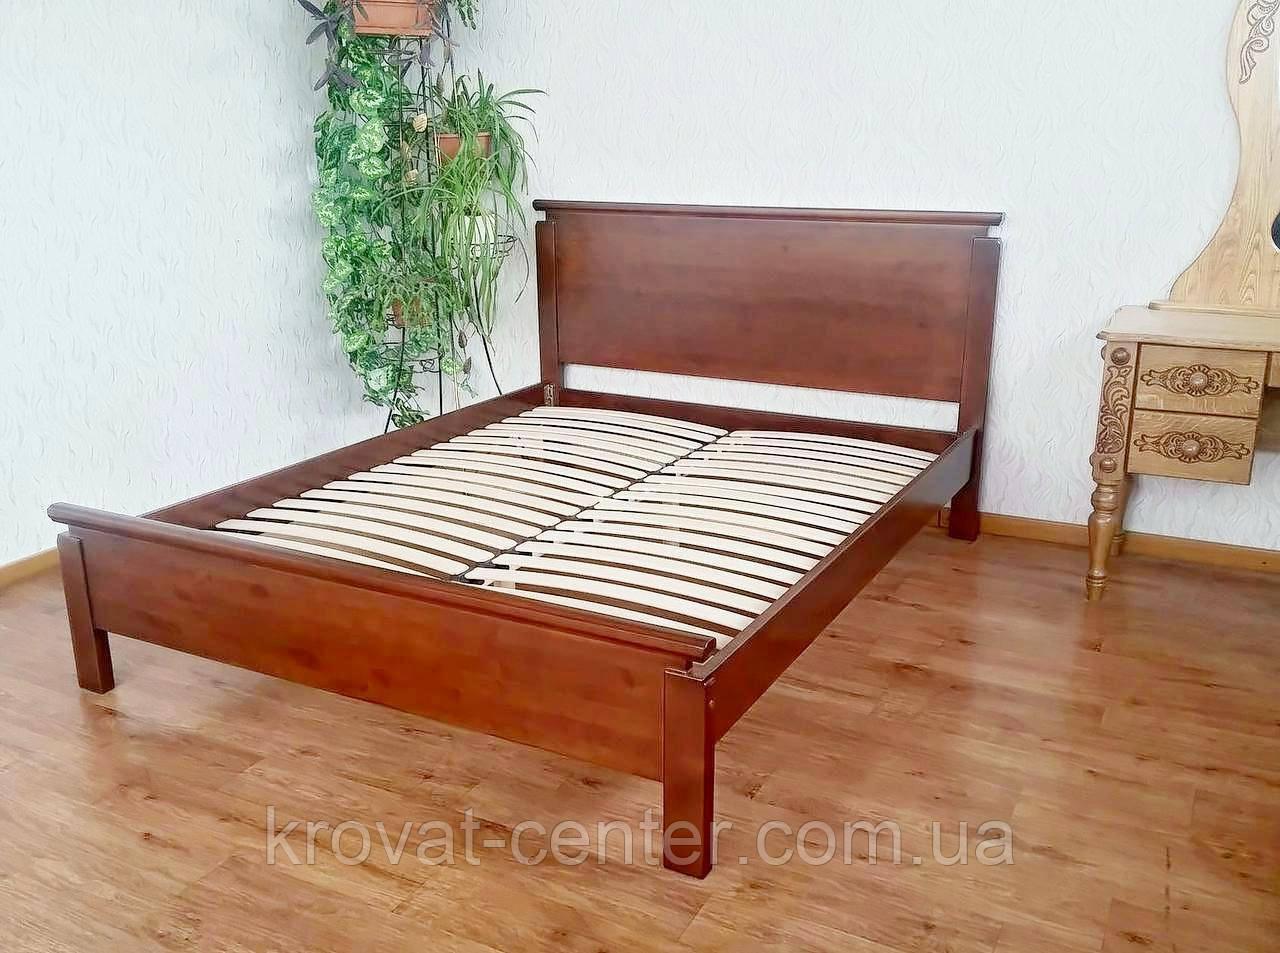 """Деревянная мебель для спальни """"Падини"""" (кровать с тумбочками) от производителя"""